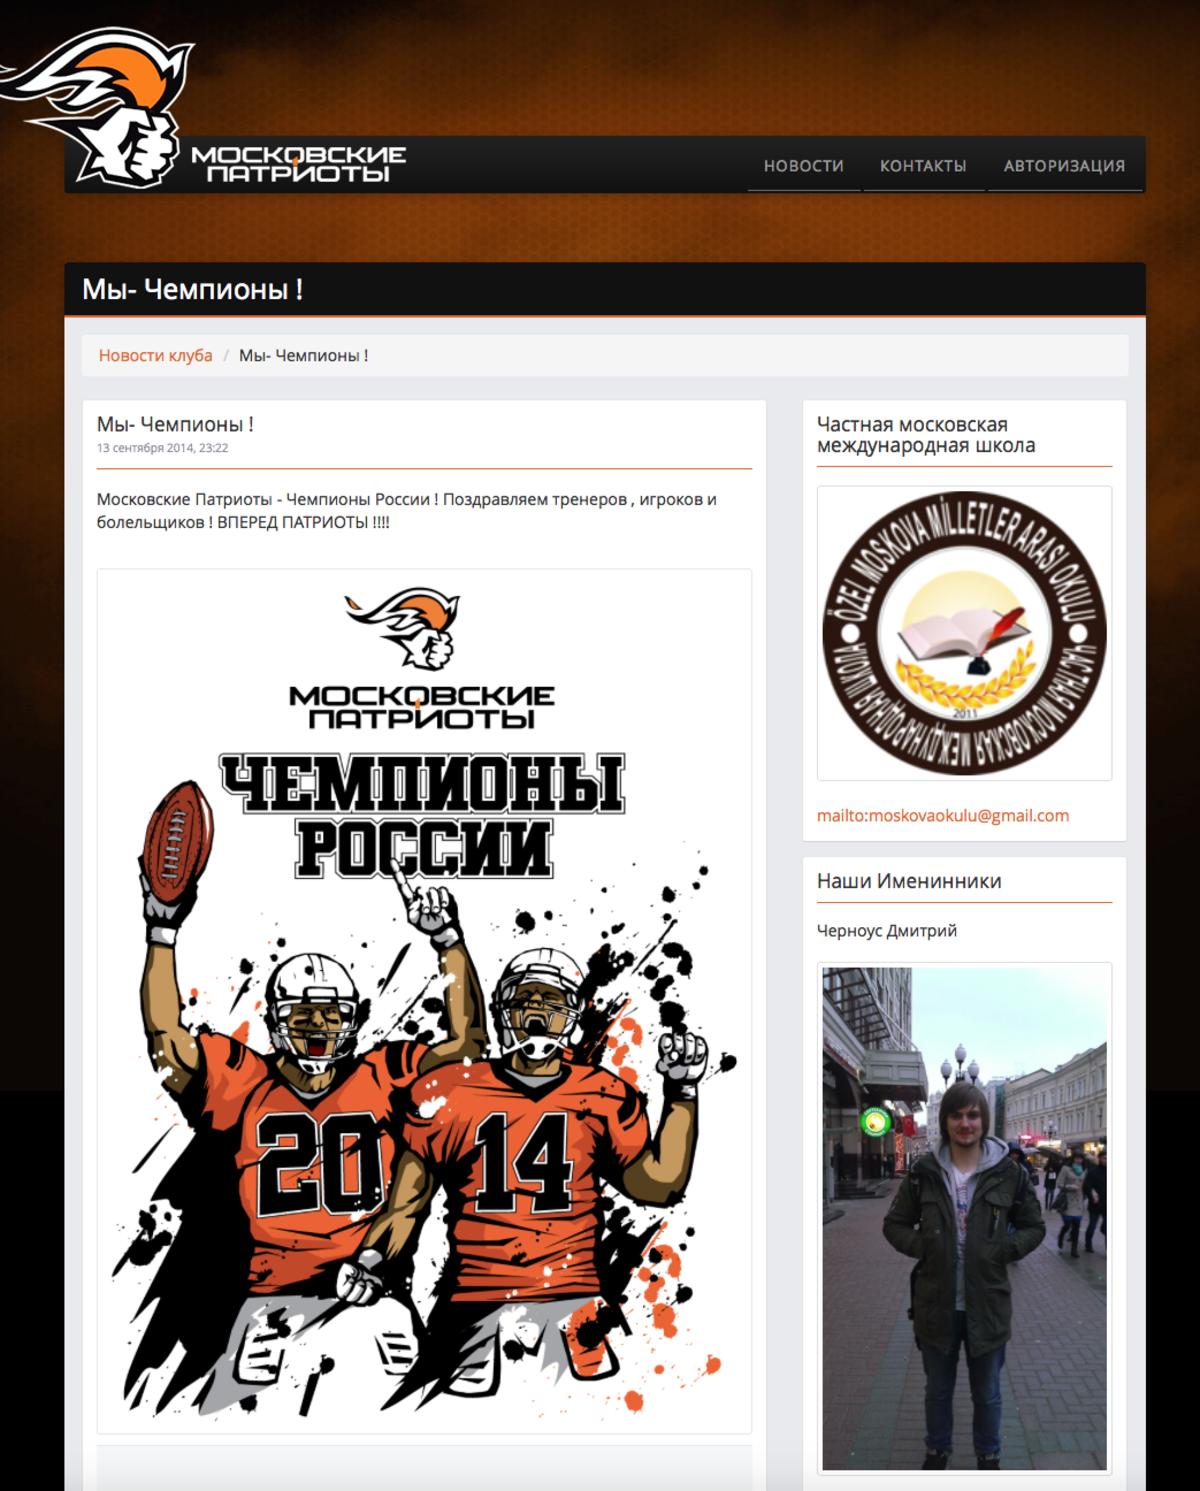 Чемпионский сайт для чемпионов россии / Проект компании Студия Александра Павлютя